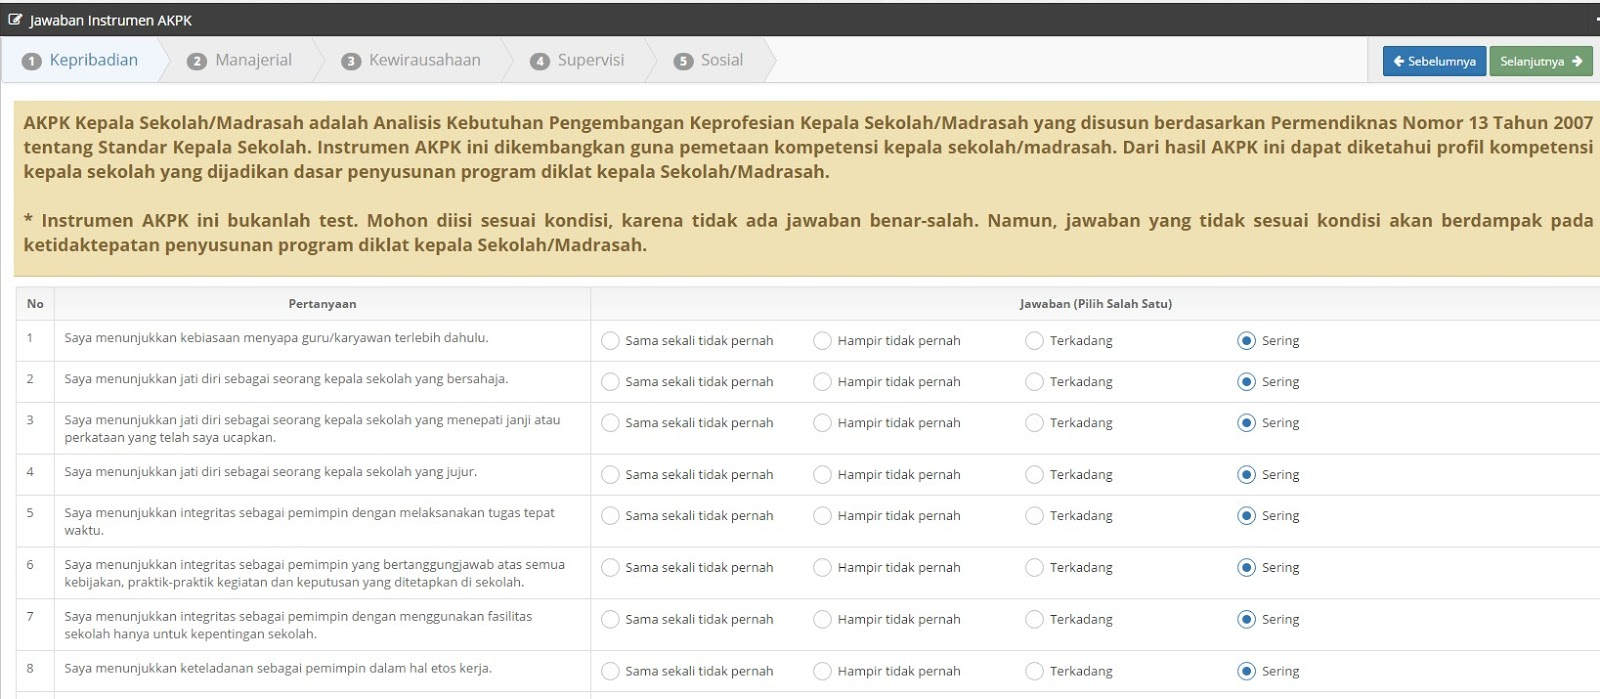 Cara Menggunakan AKPK Online Bagi Kepala Sekolah/Madrasah